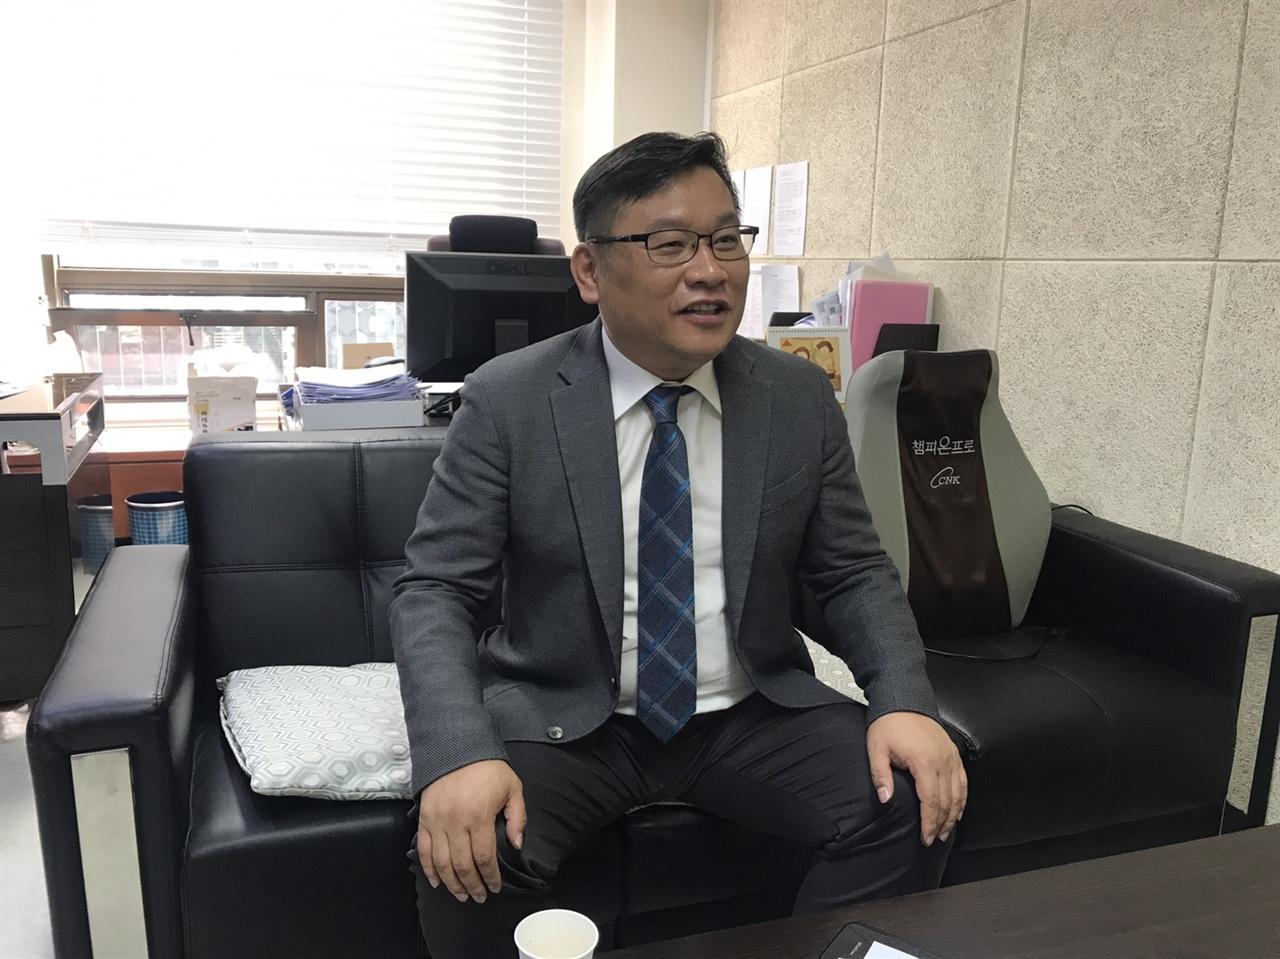 박시영 윈지 코리아 컨설팅 대표